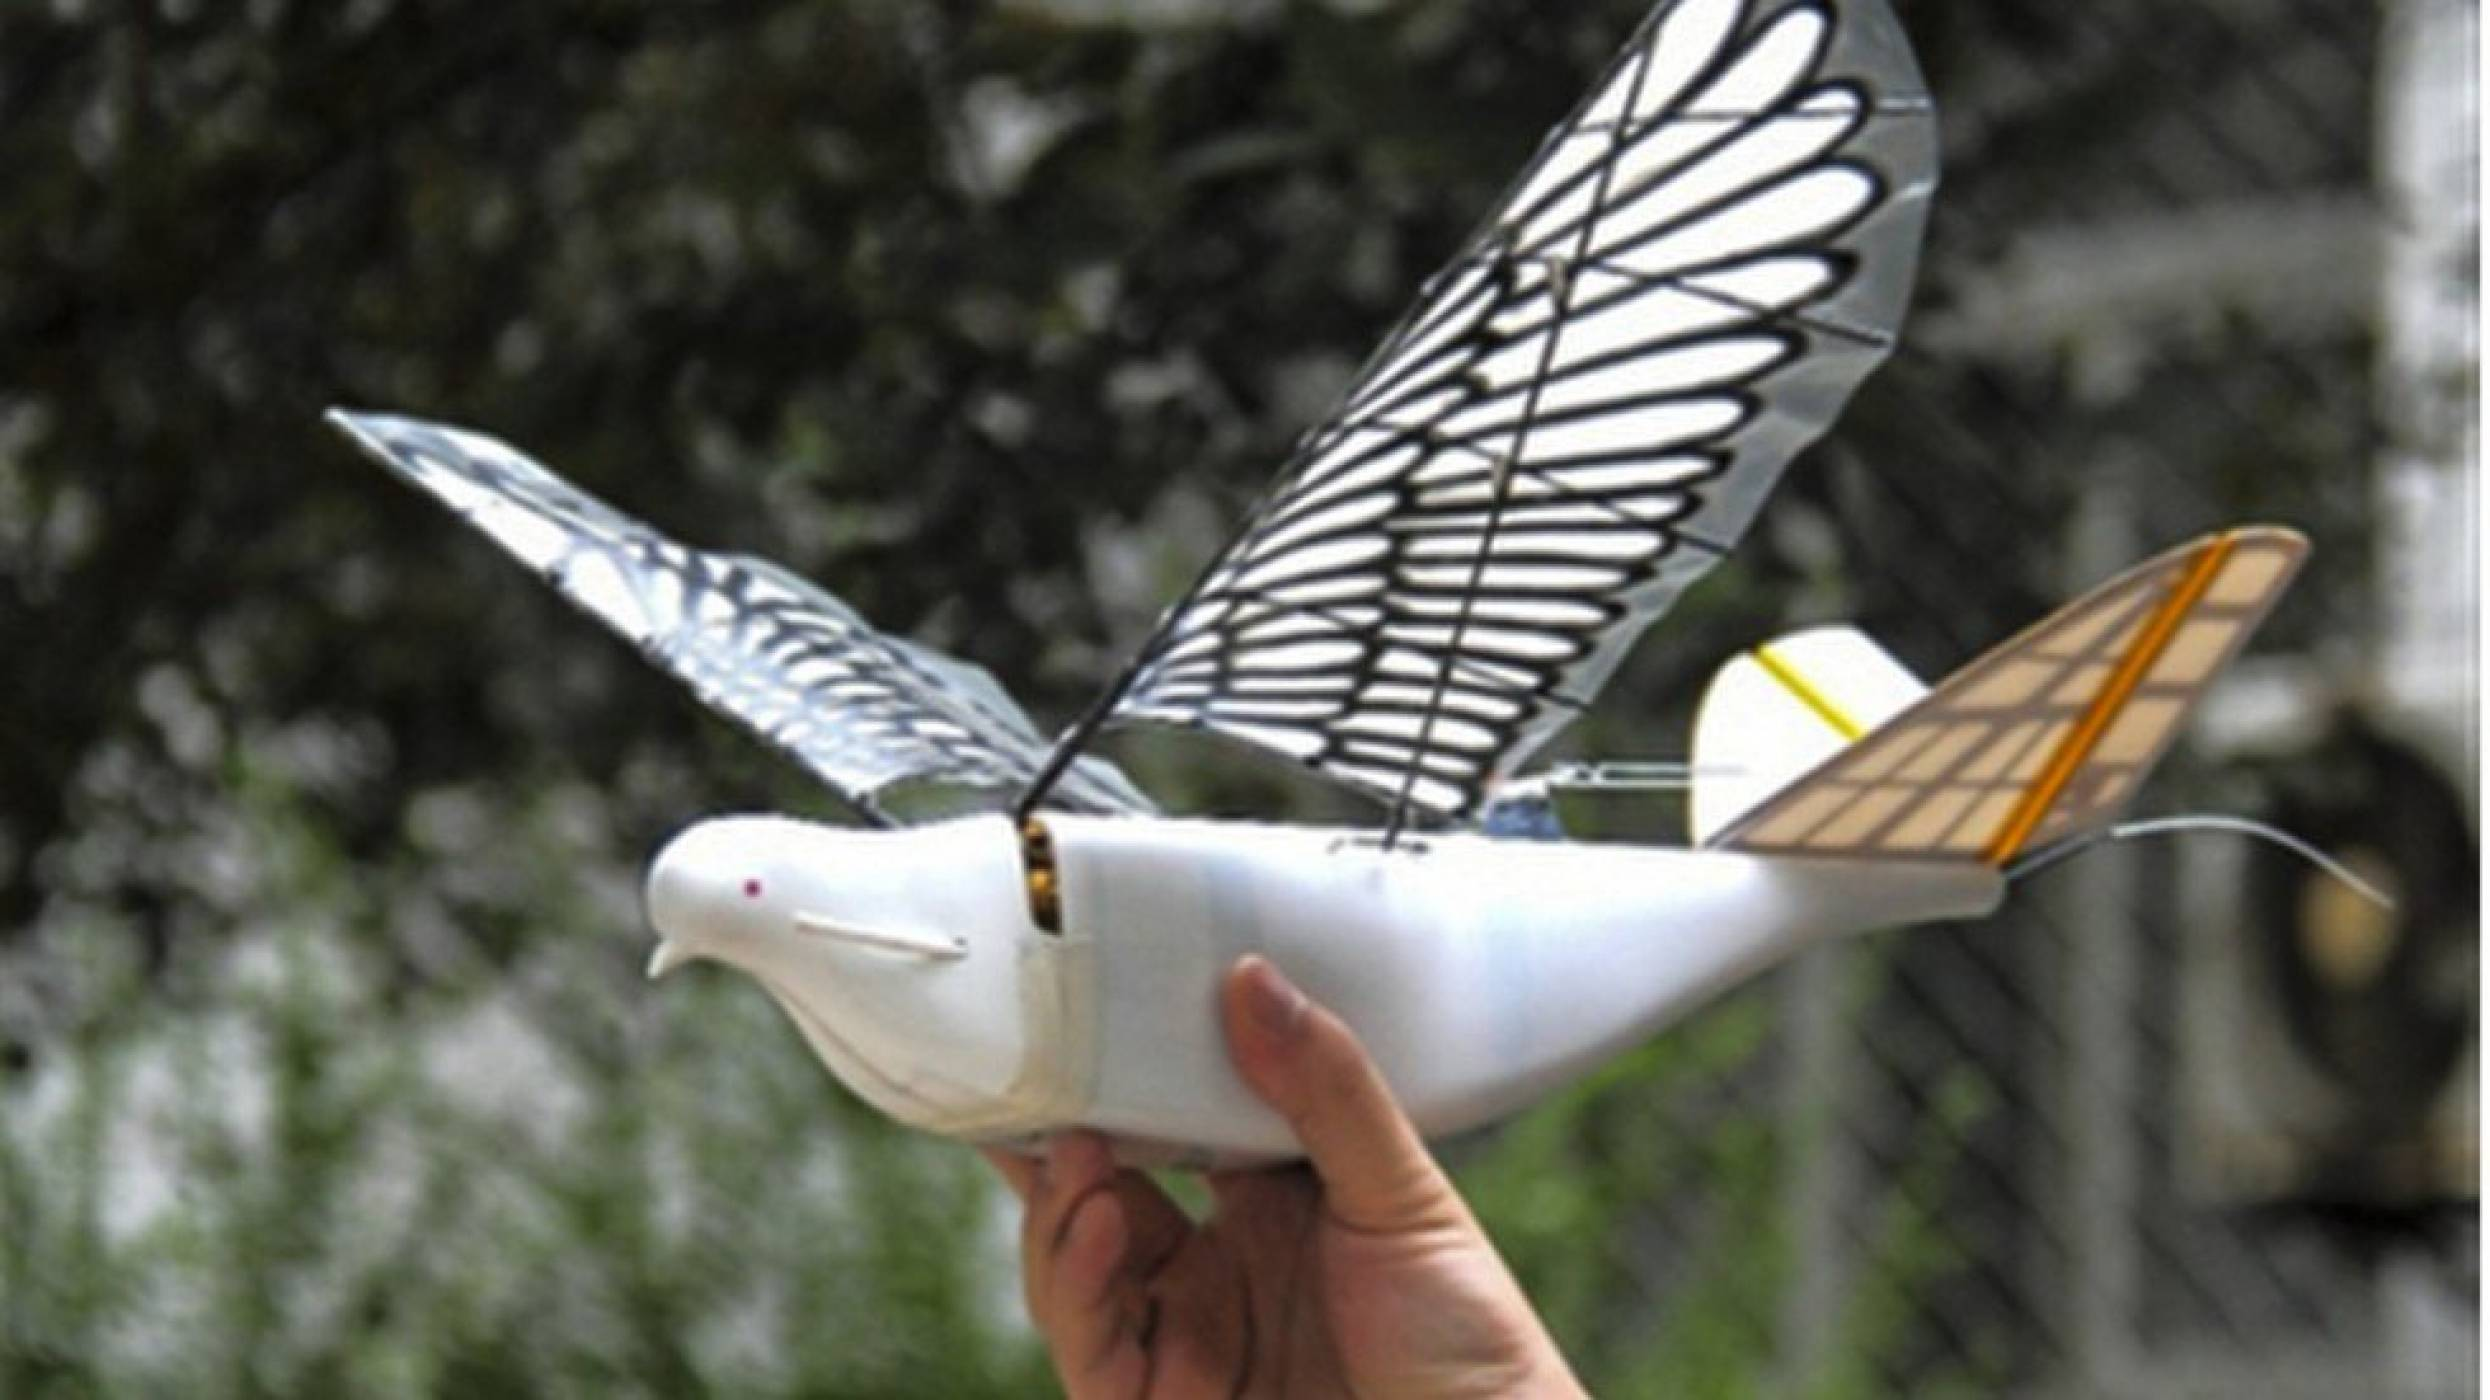 Ято от неуловими за радара птици роботи следи китайците от небето